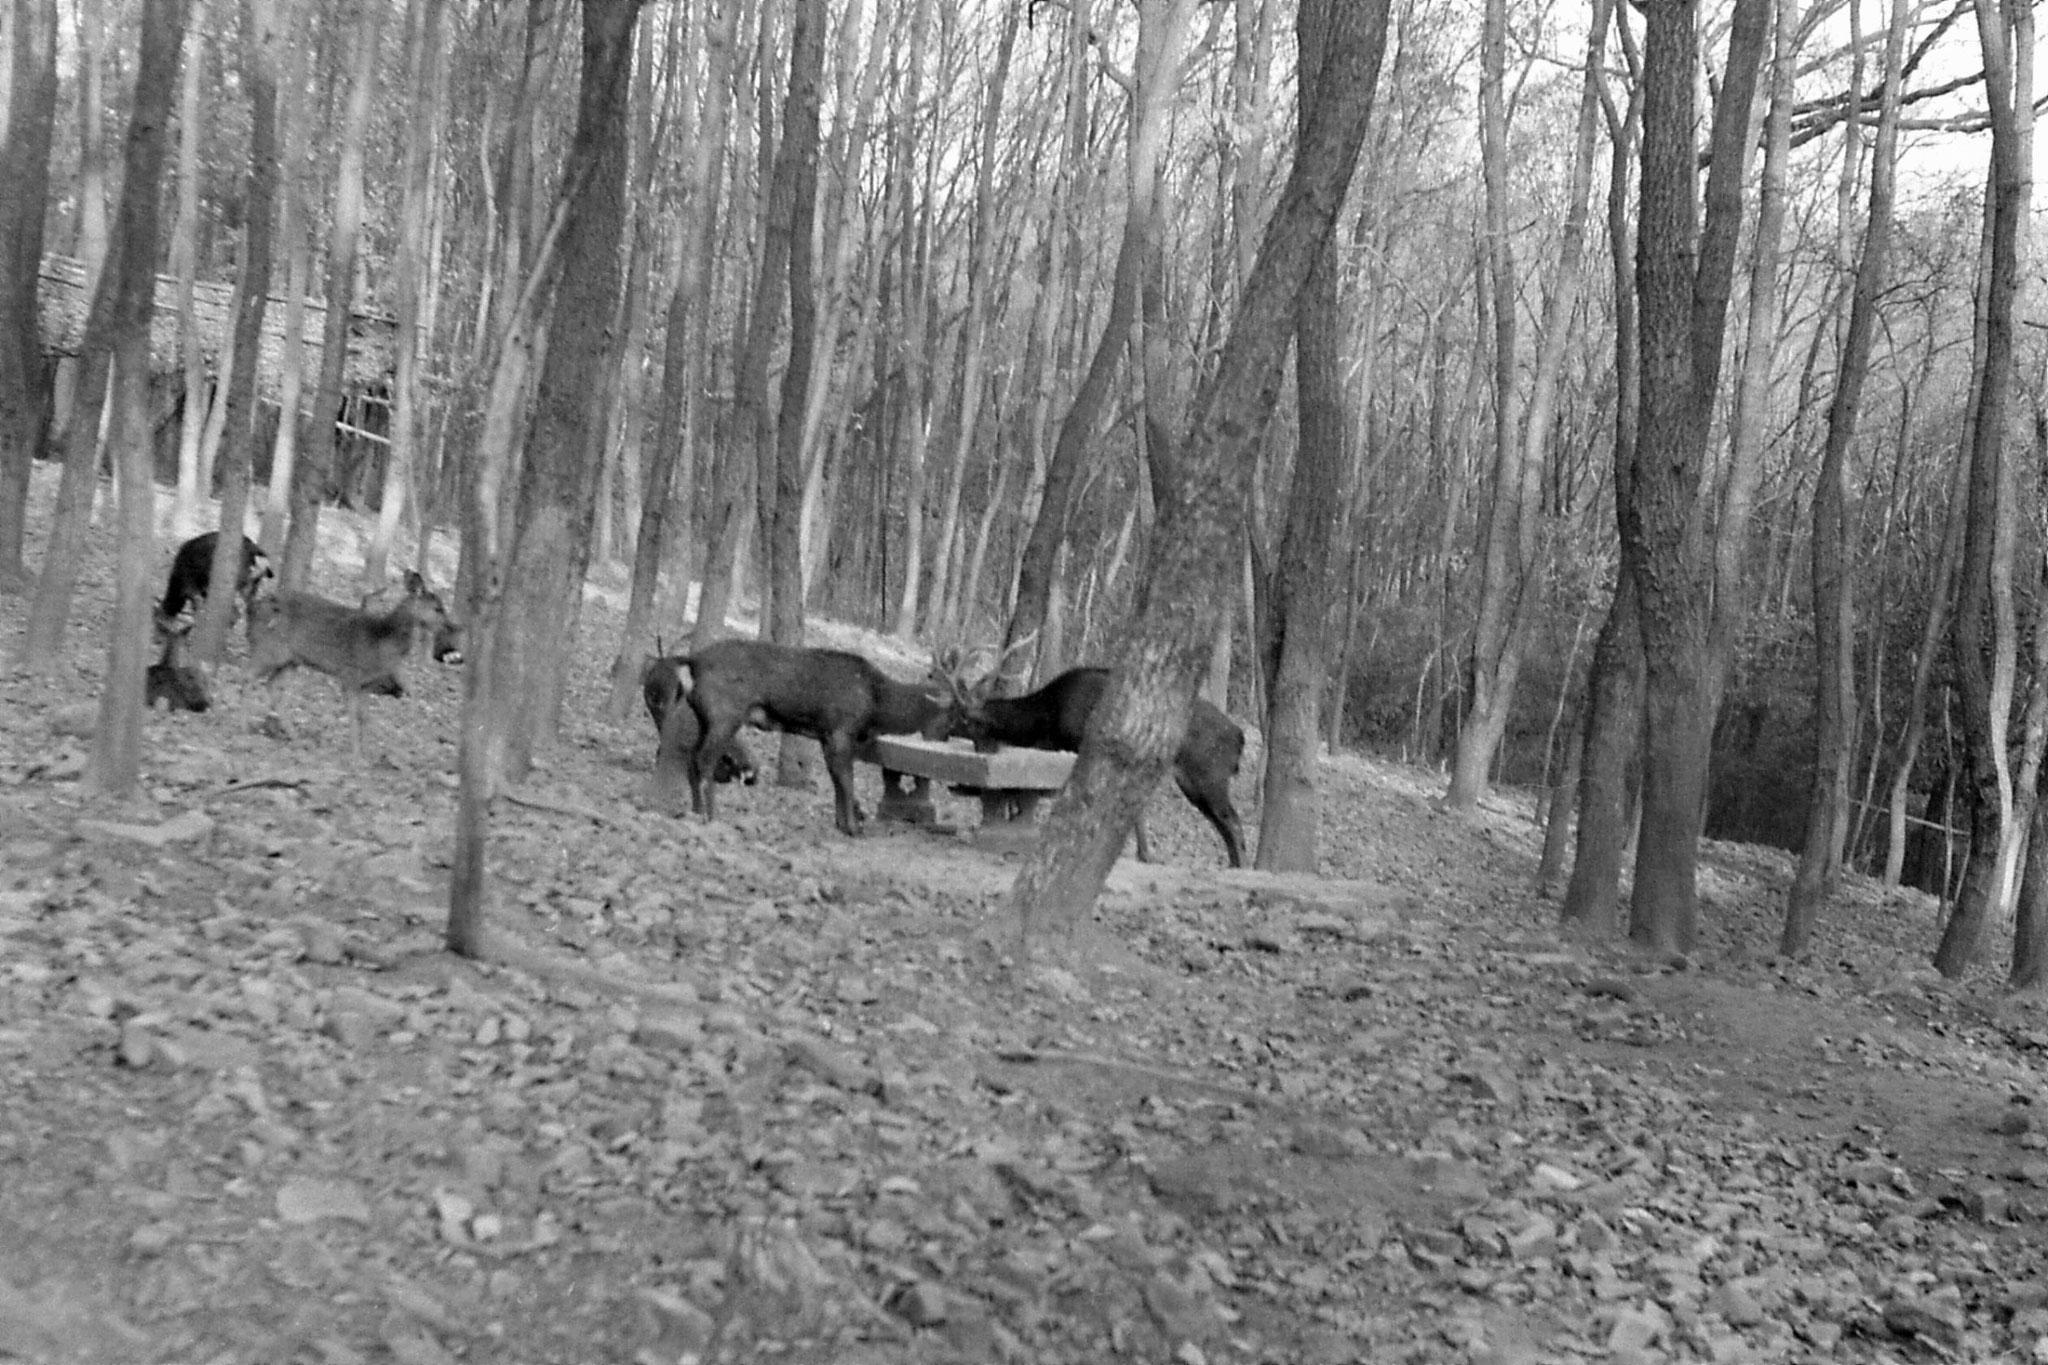 12/12/1988: 25: Nanjing, Linggu Park